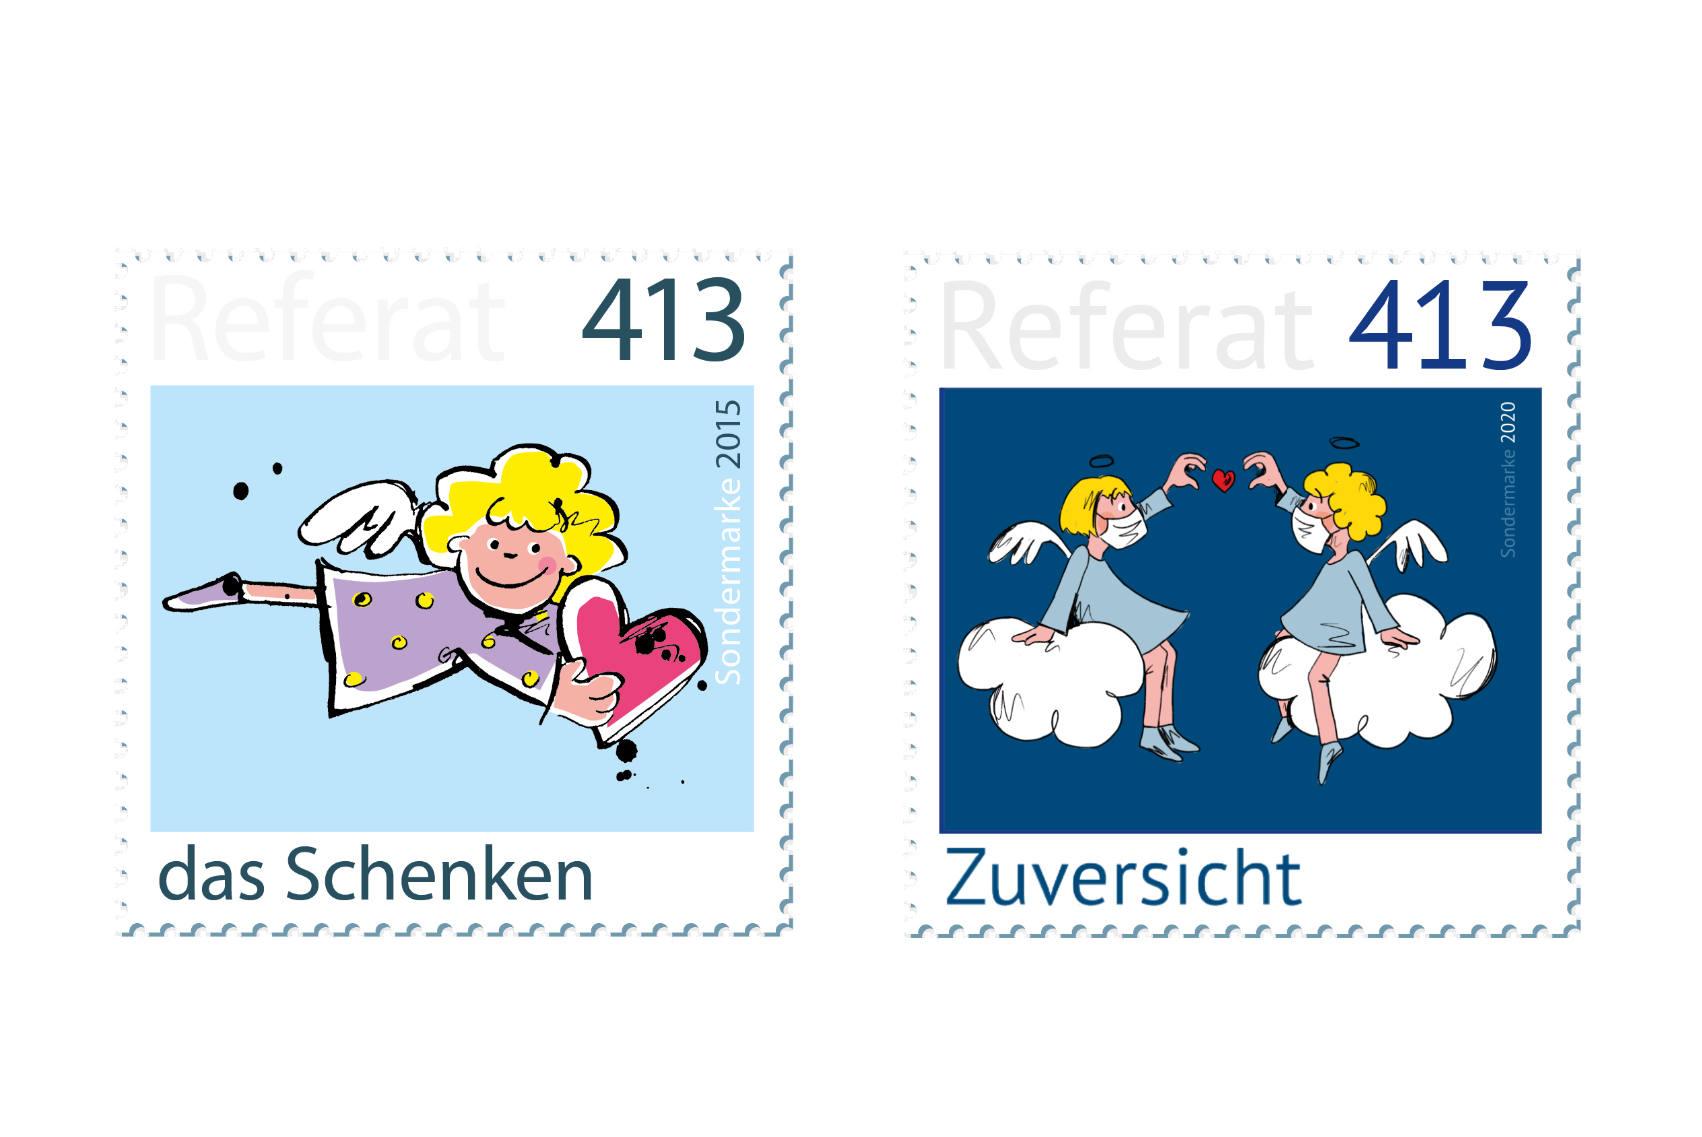 ministerium-bildung-nrw-weihnachtsgruss-illustration-03-neu.jpg